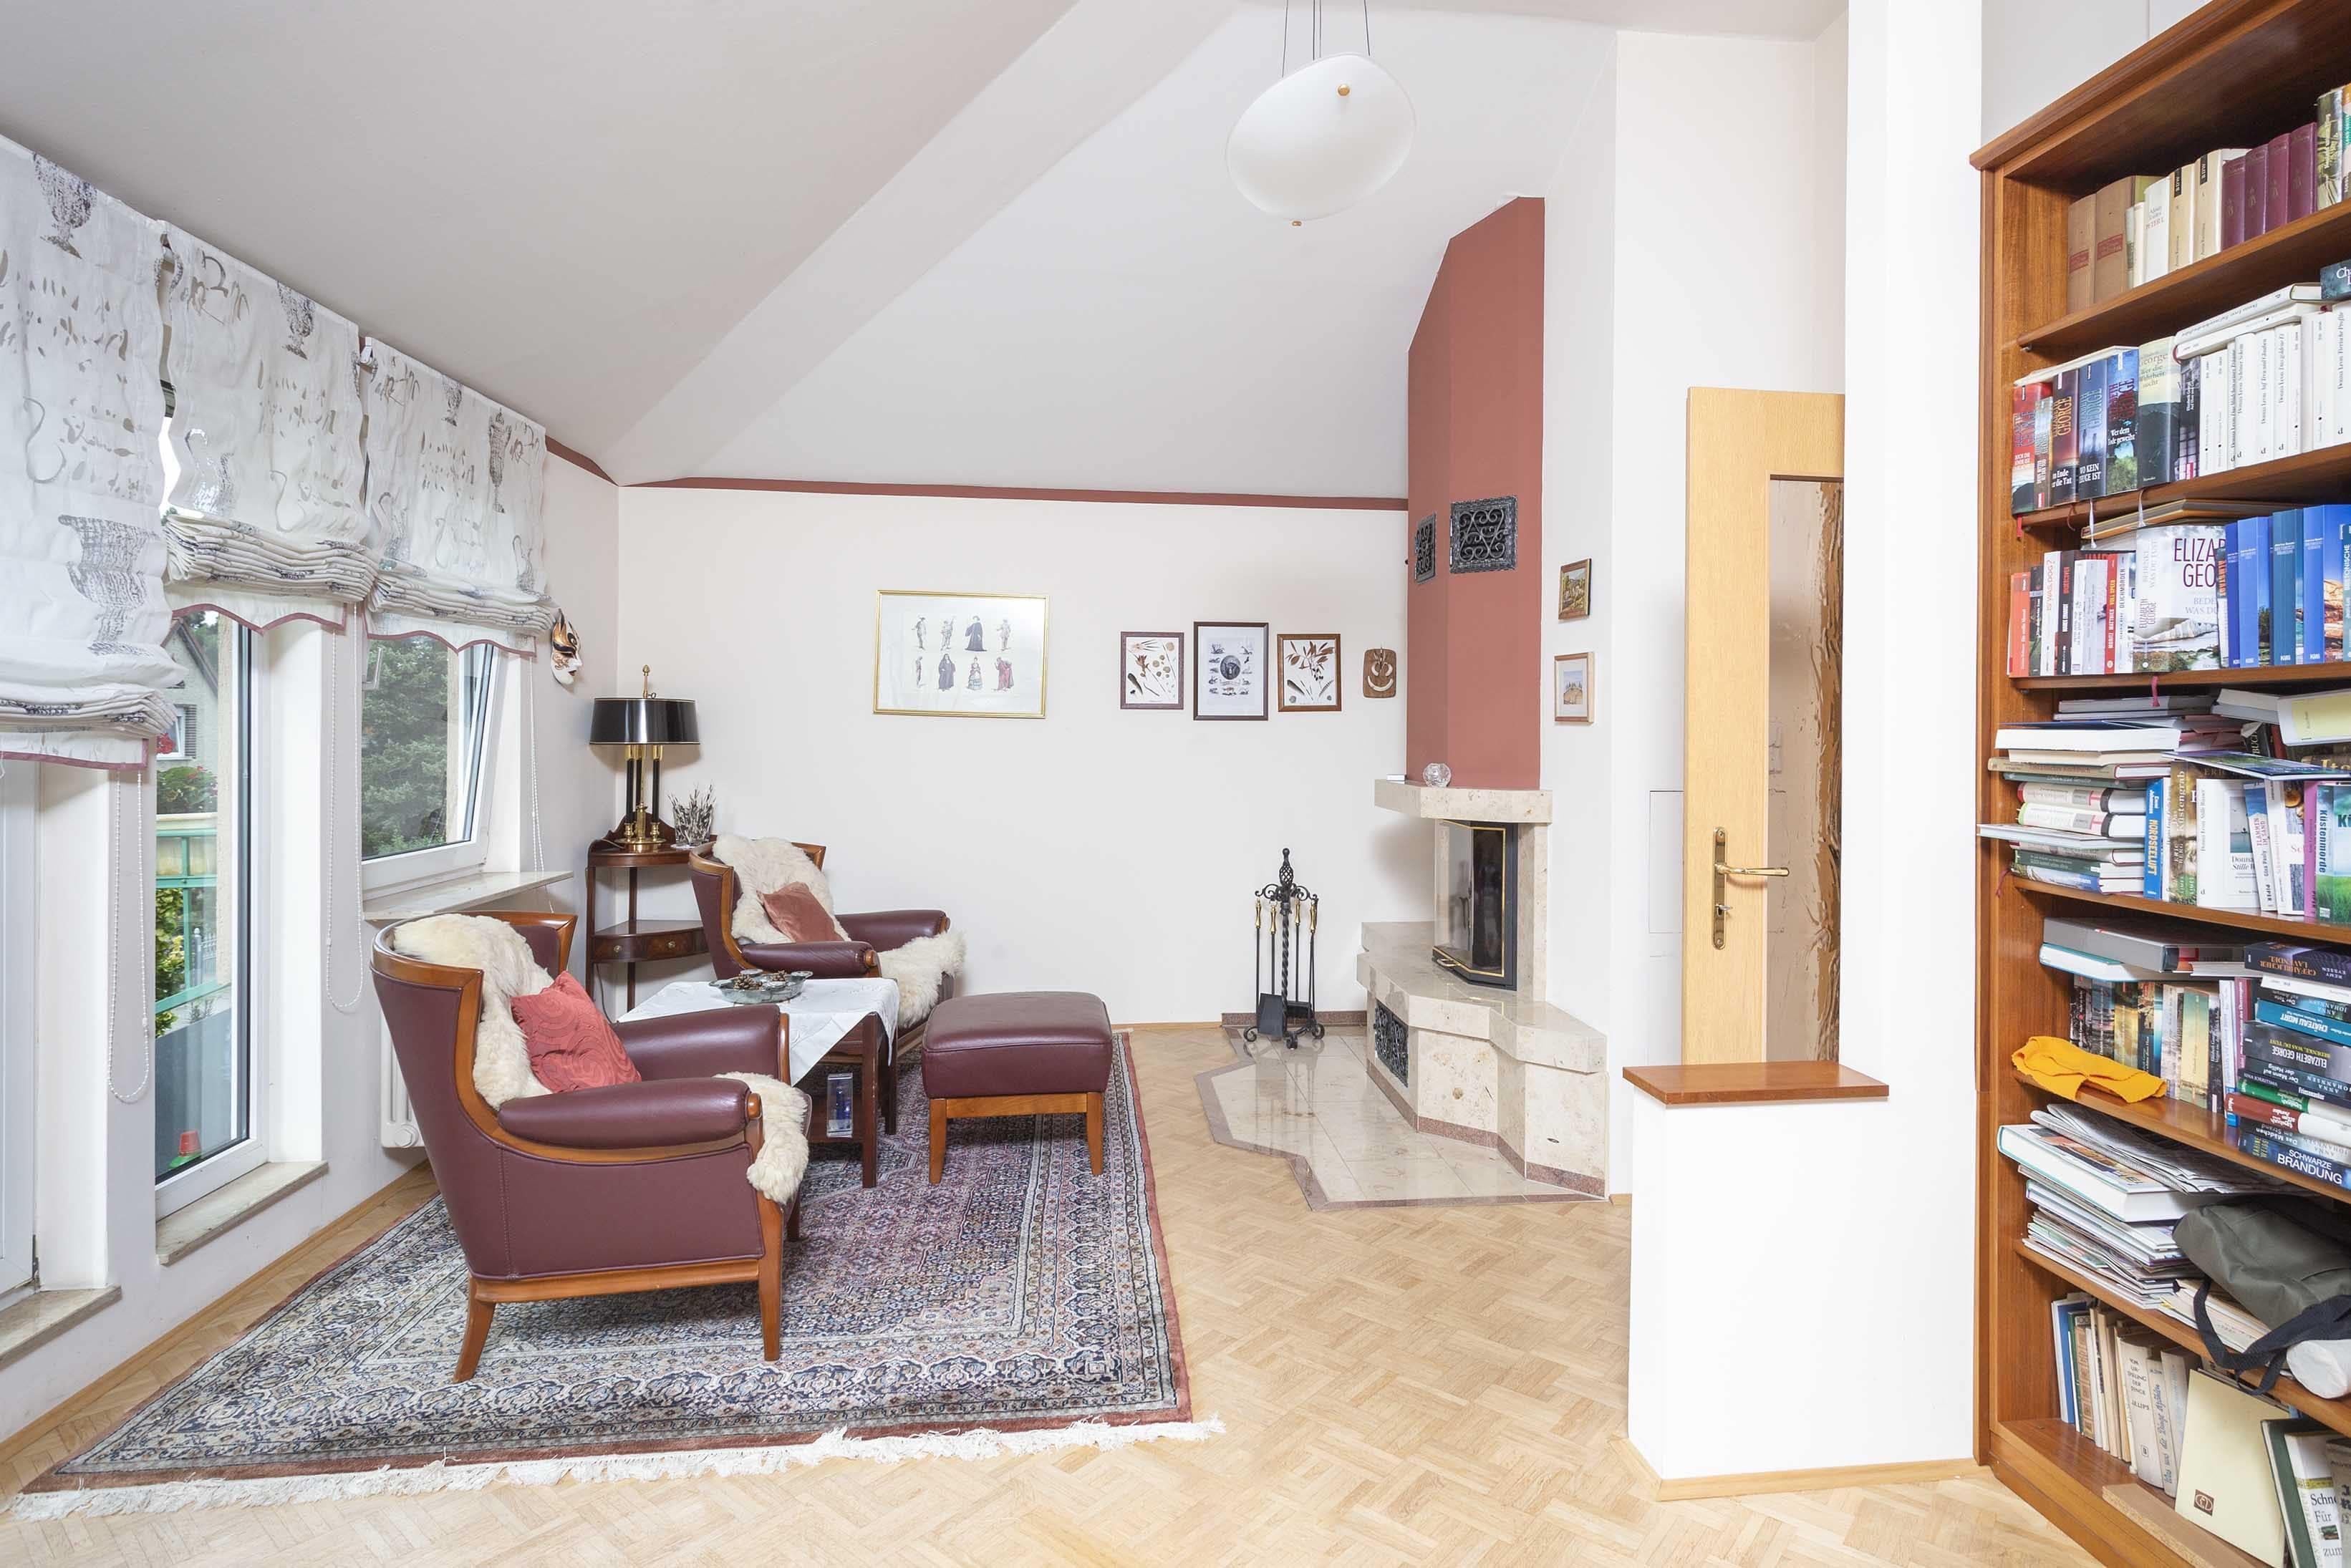 Wohnzimmer in der Galerie mit Kamin